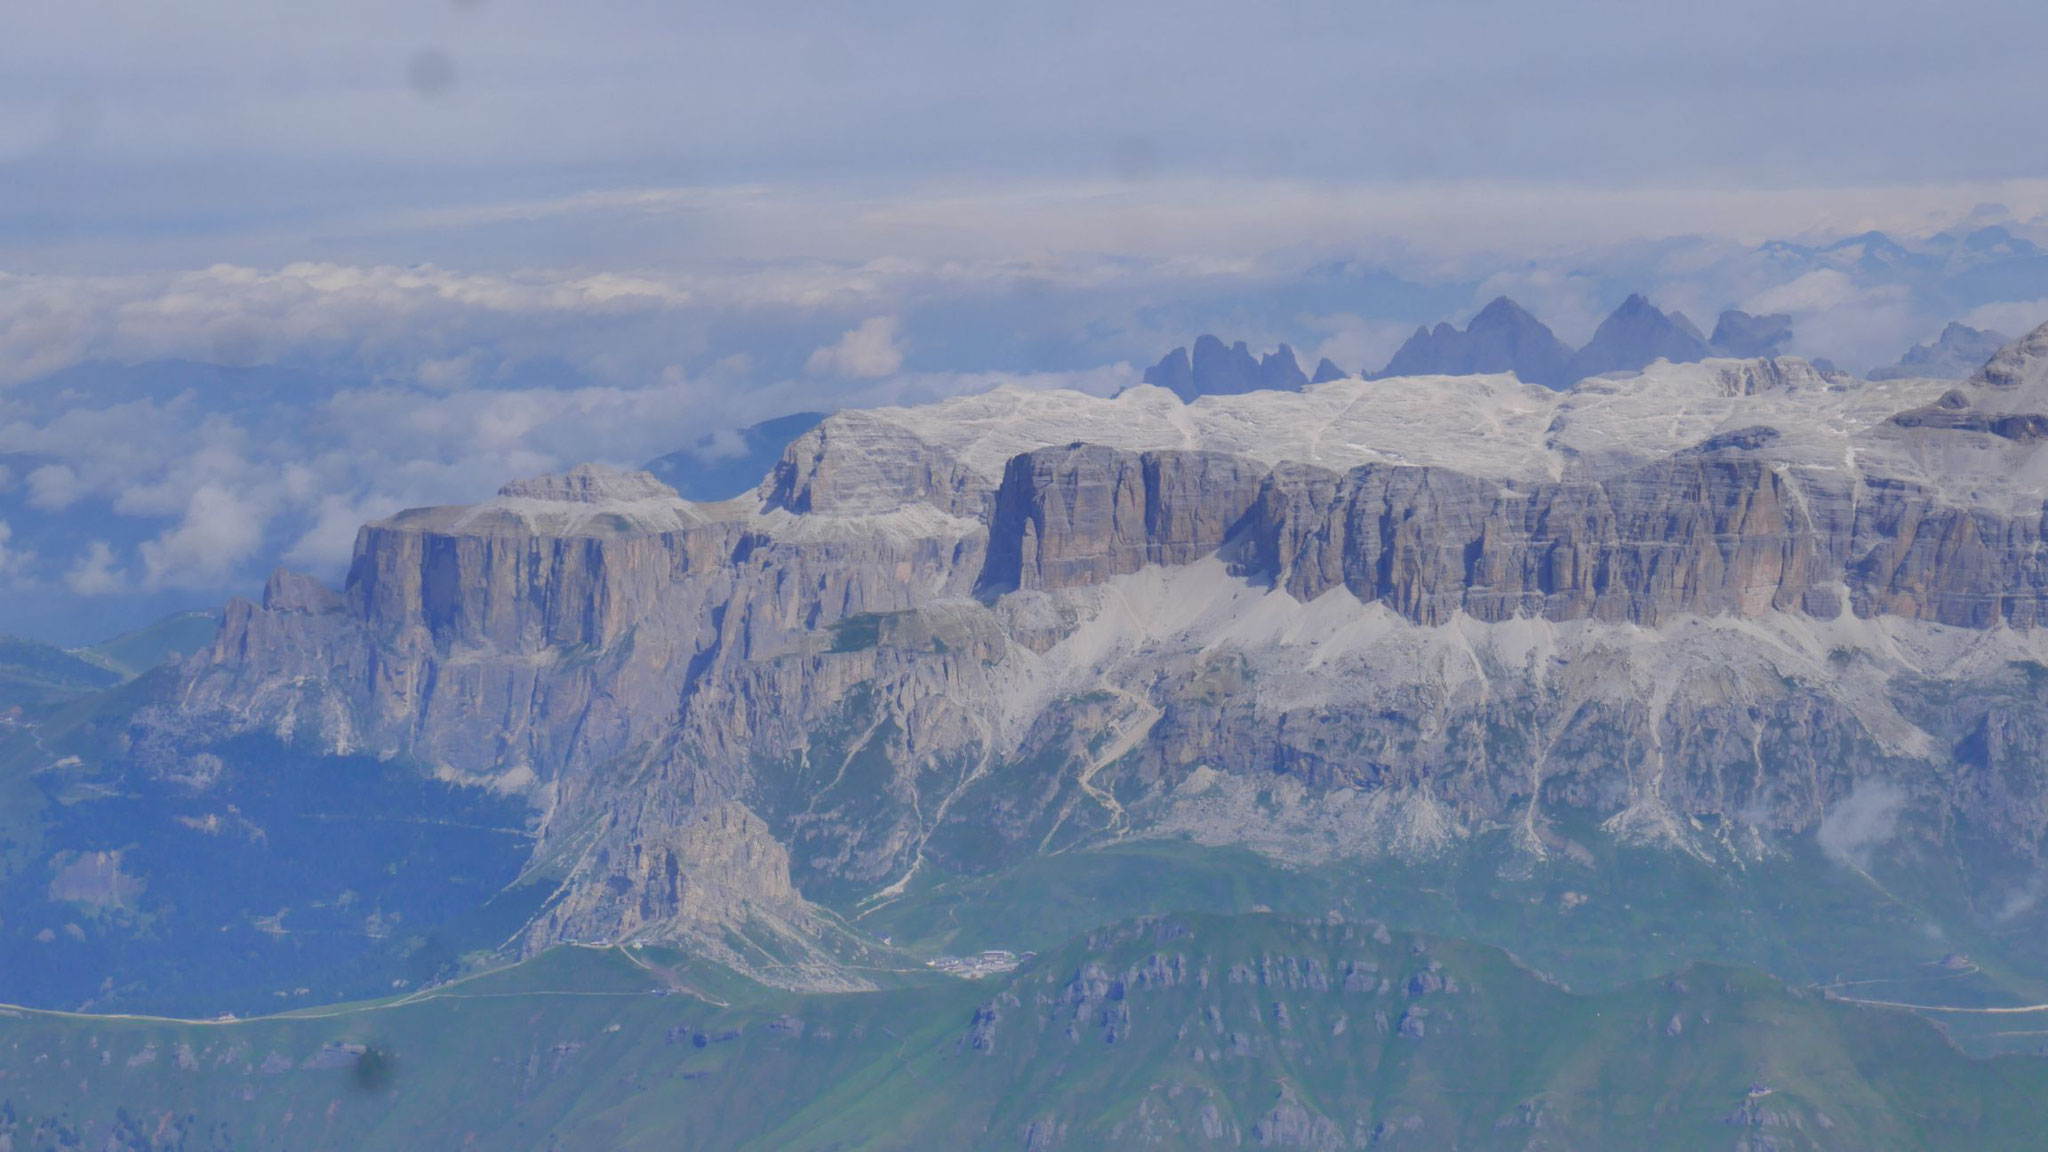 Sella, dahinter die Spitzen von Gran Fermeda - Sass Rigais - Furchetta in der Geisler-Gruppe